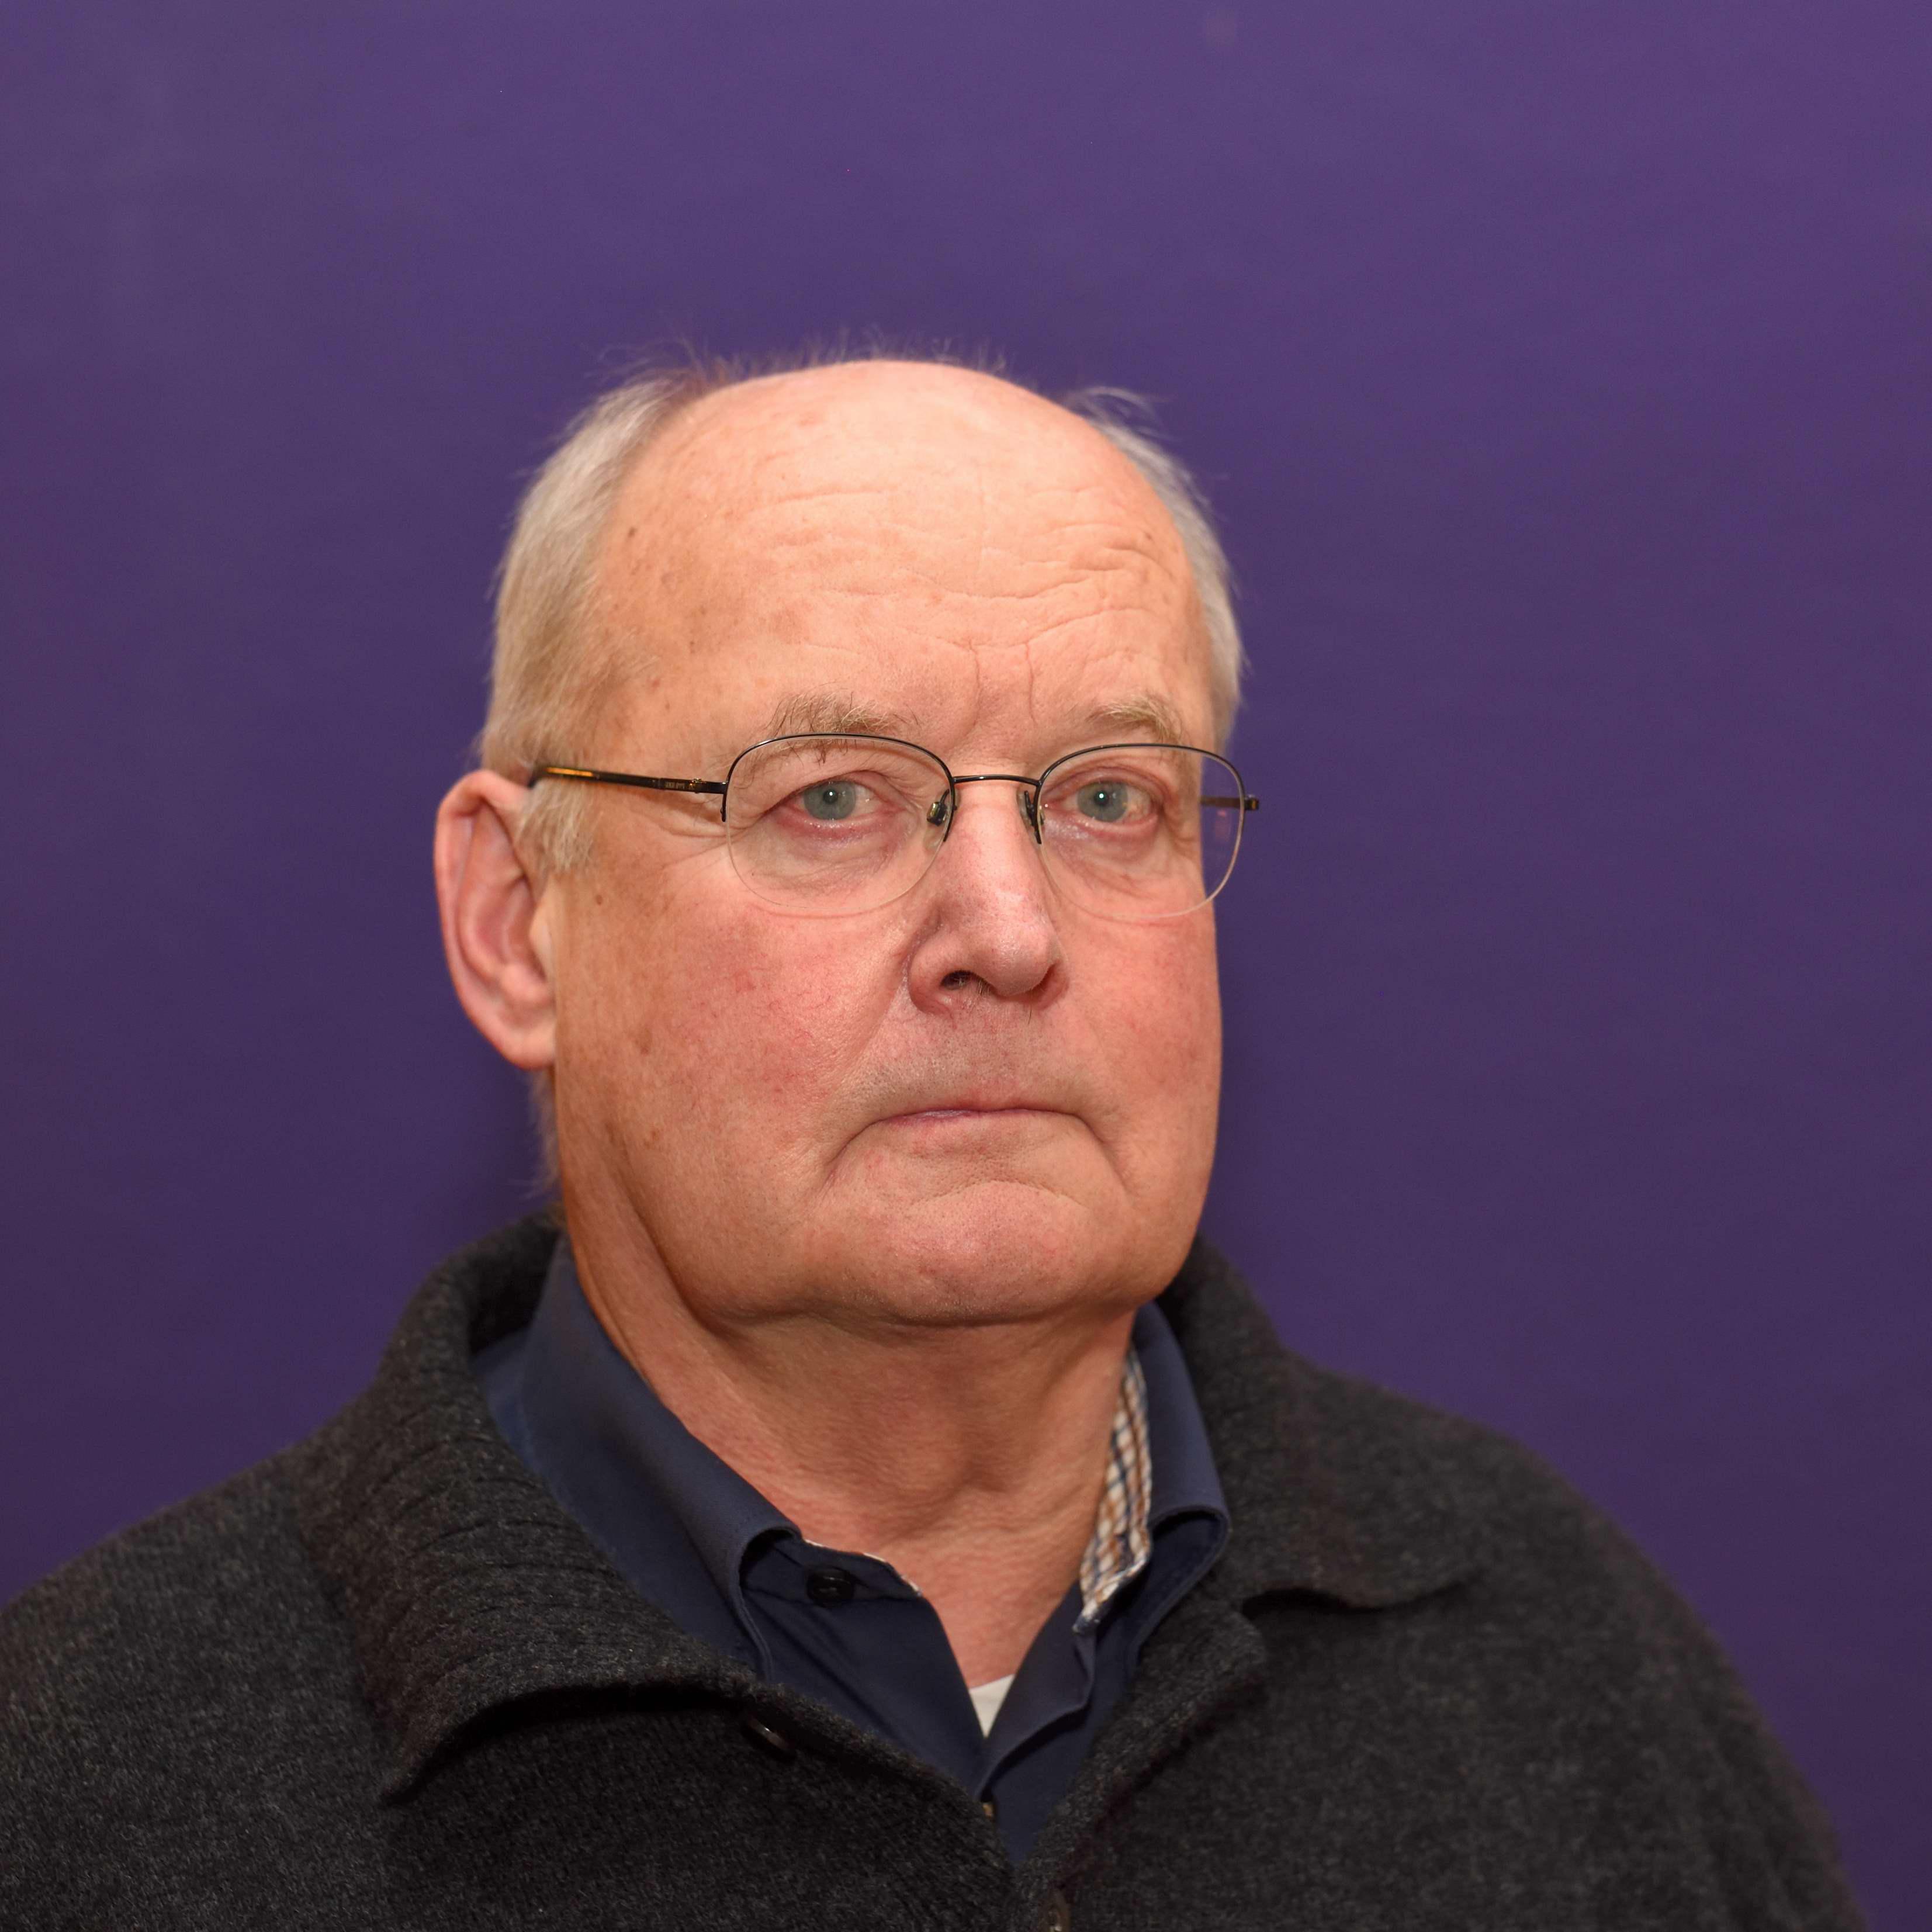 Dr. Bernard Tyrell